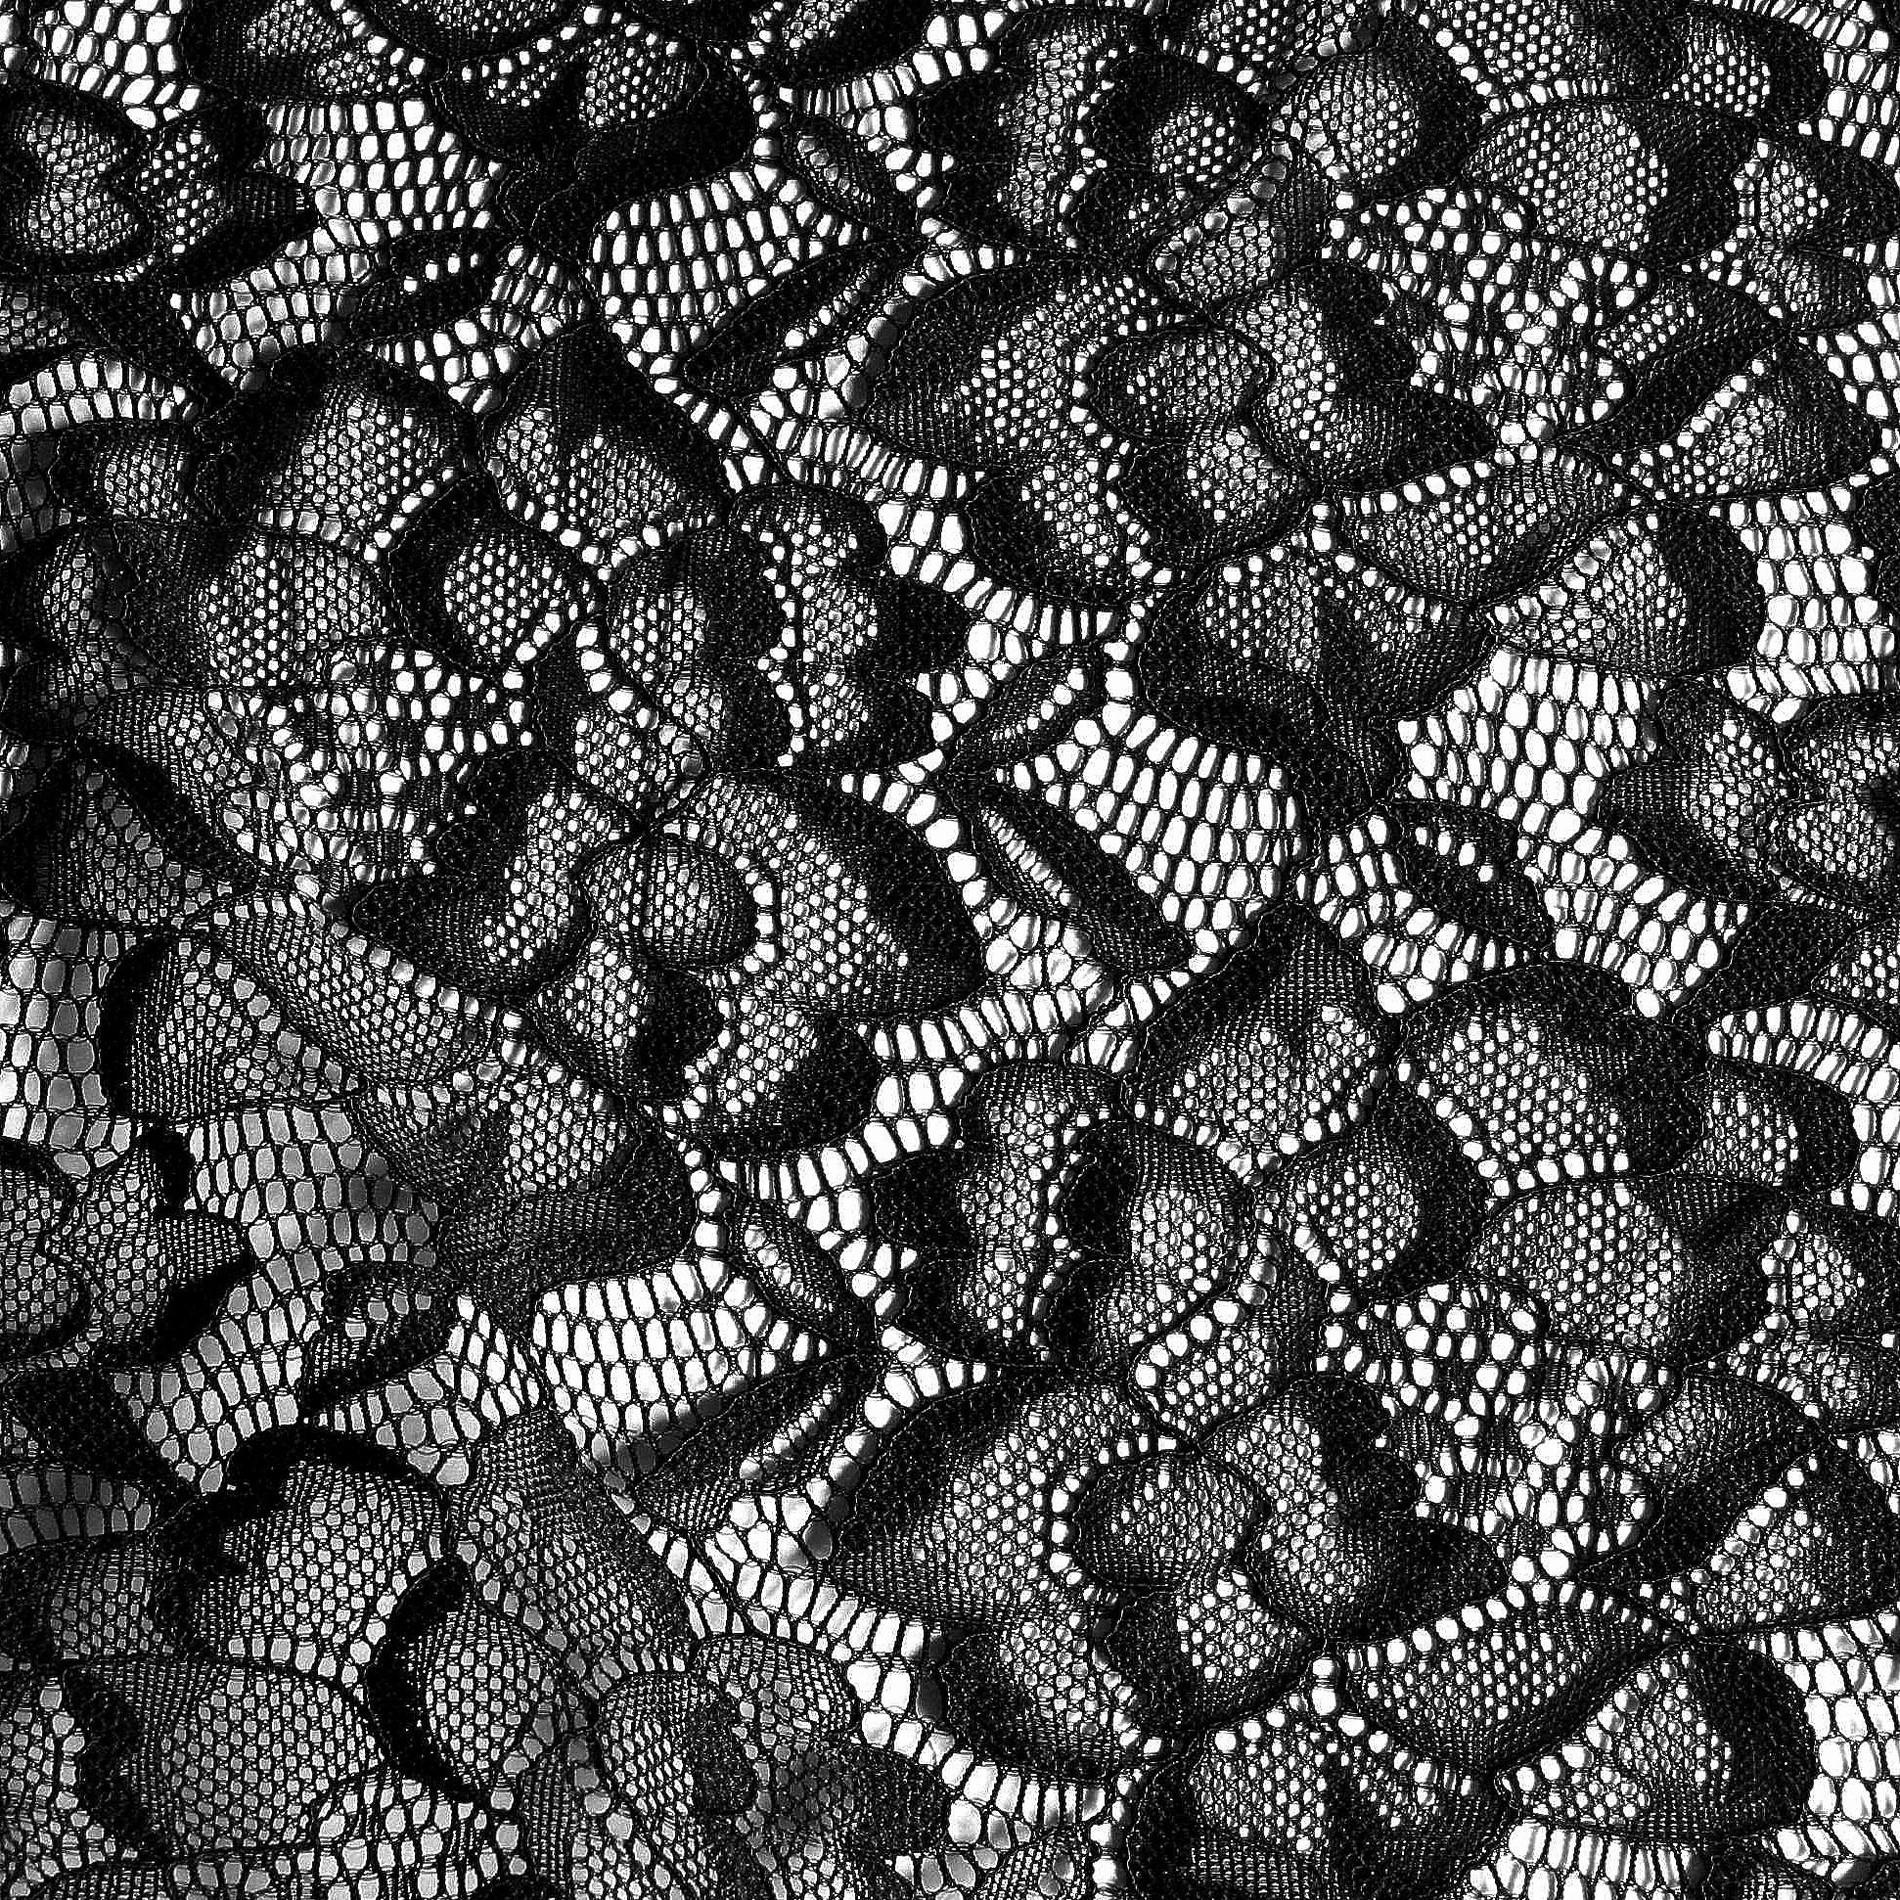 schwarze stretch blumen spitze stoff bestickte spitzen pailletten raschel spitzen. Black Bedroom Furniture Sets. Home Design Ideas